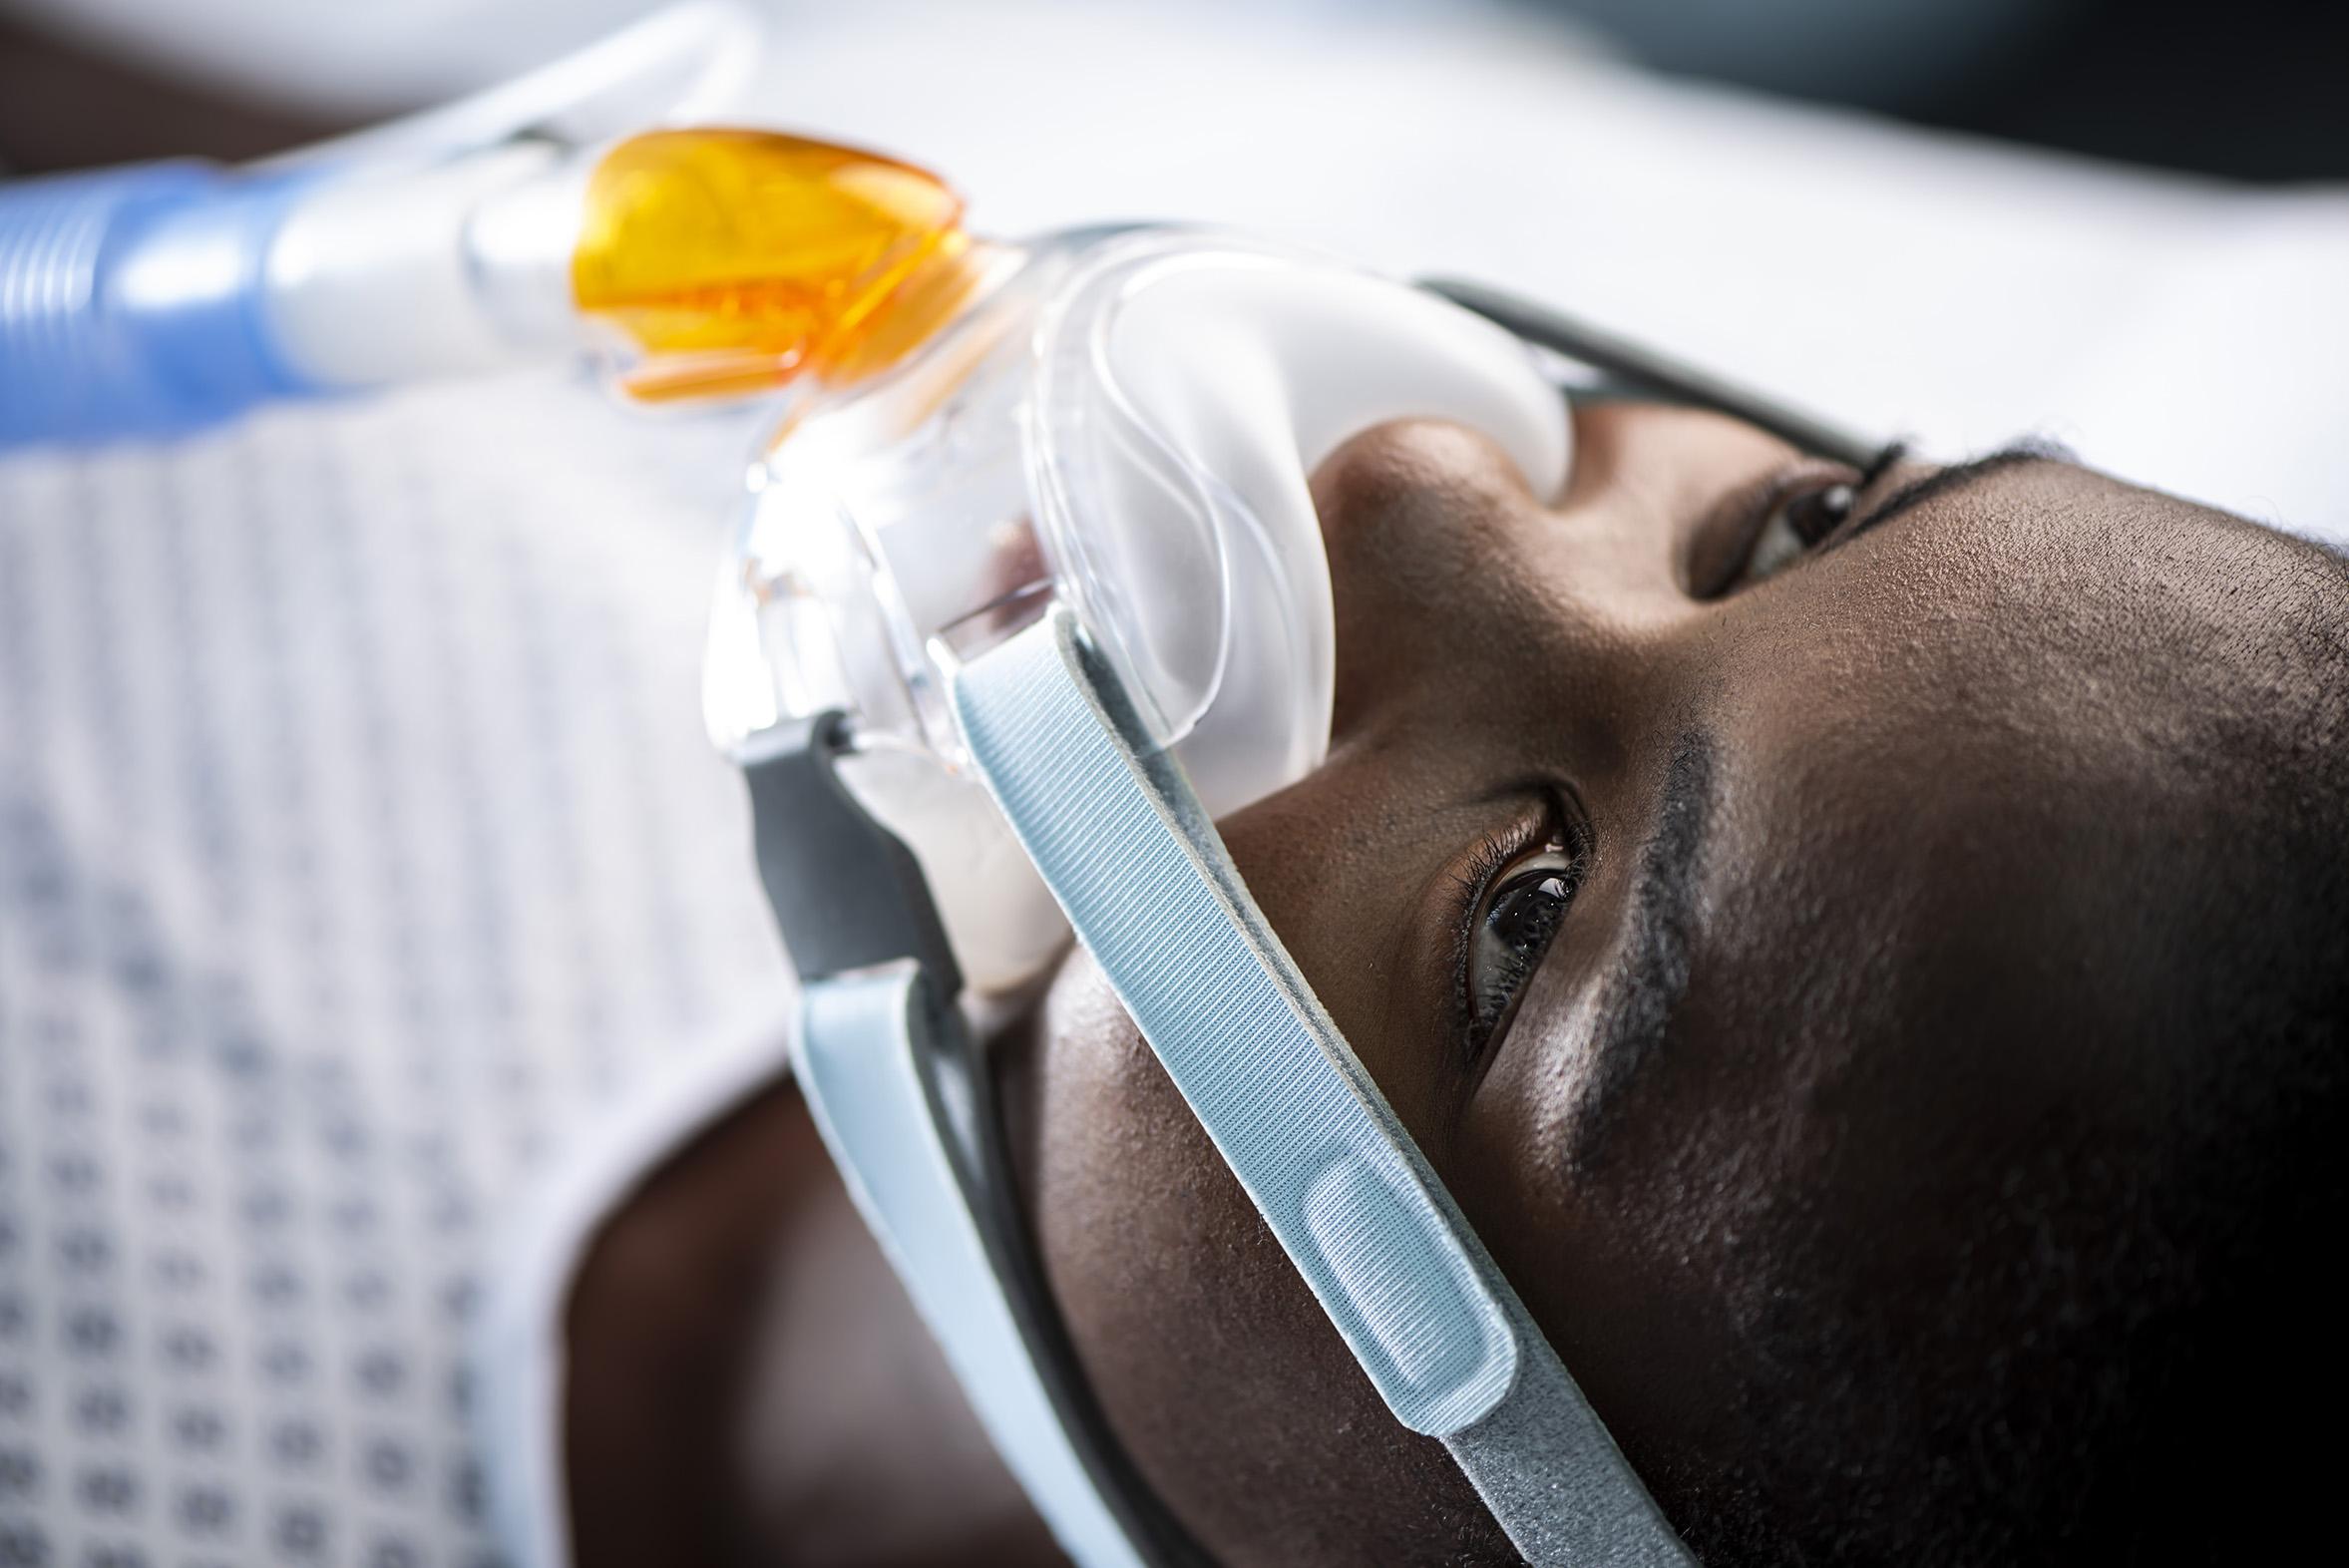 Visairo RT077 patient